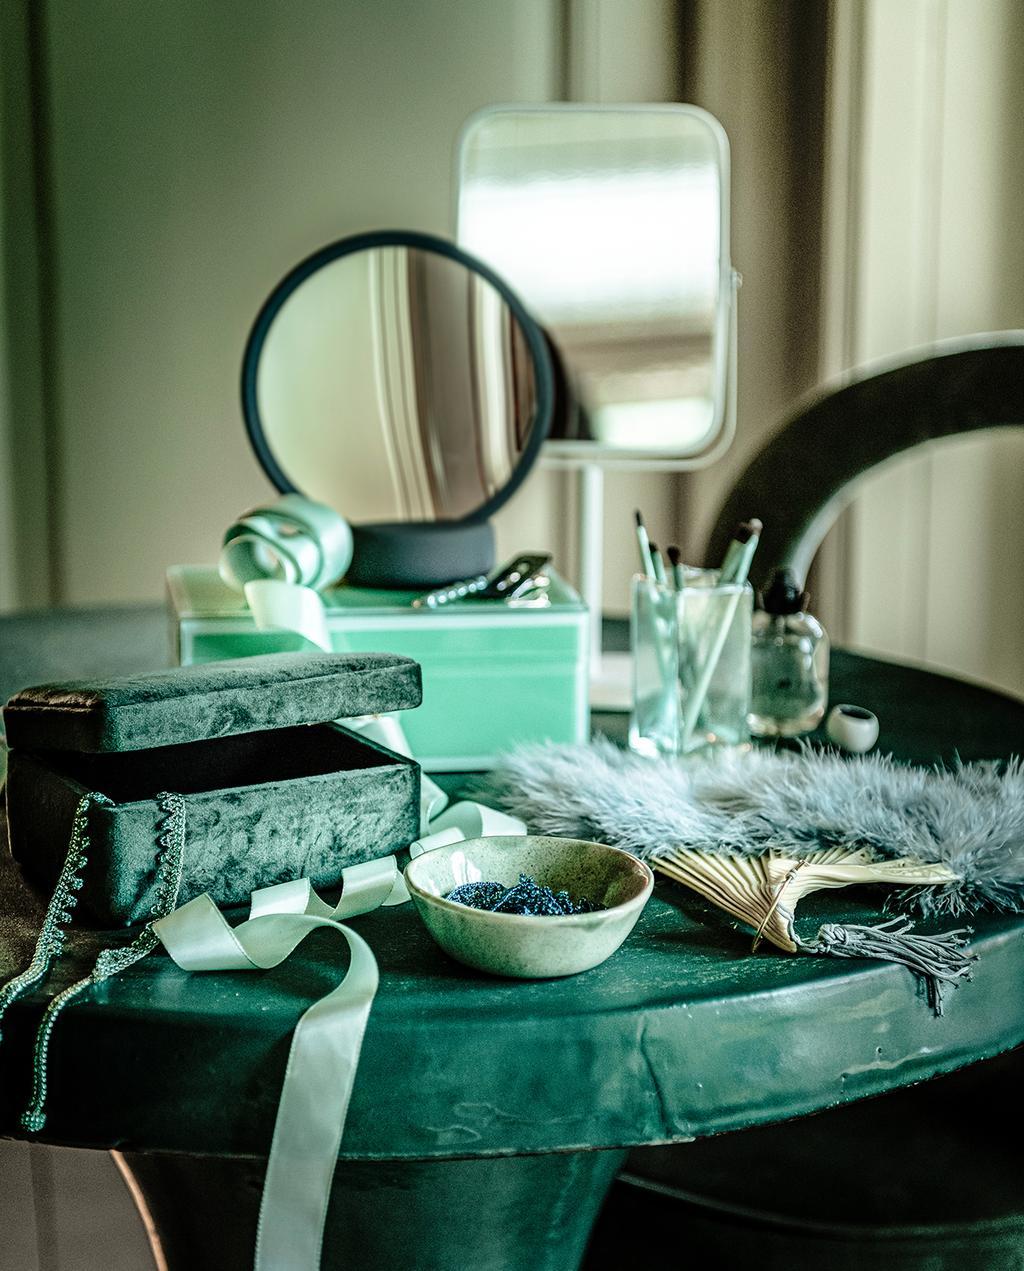 vtwonen 04-2020 | make-up tafel met spiegels